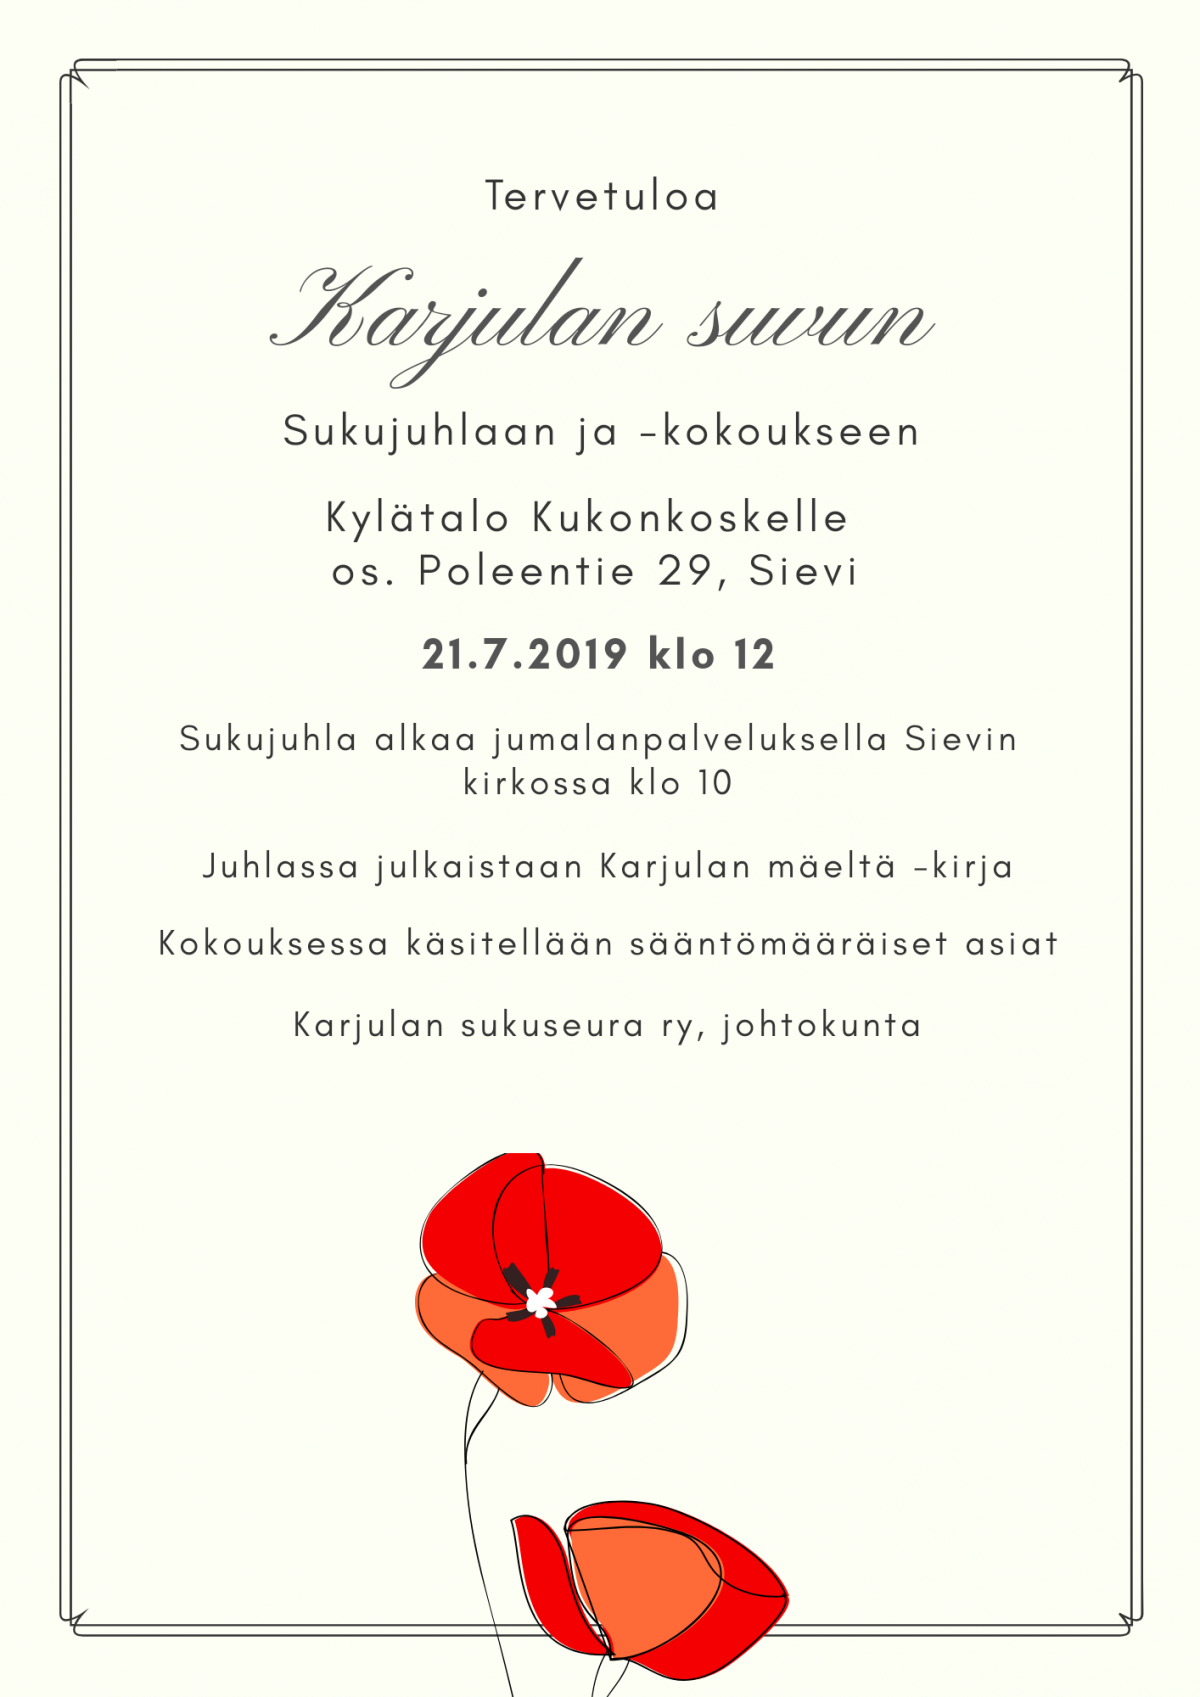 Tervetuloa sukujuhlaan Sieviin 21.7.2019